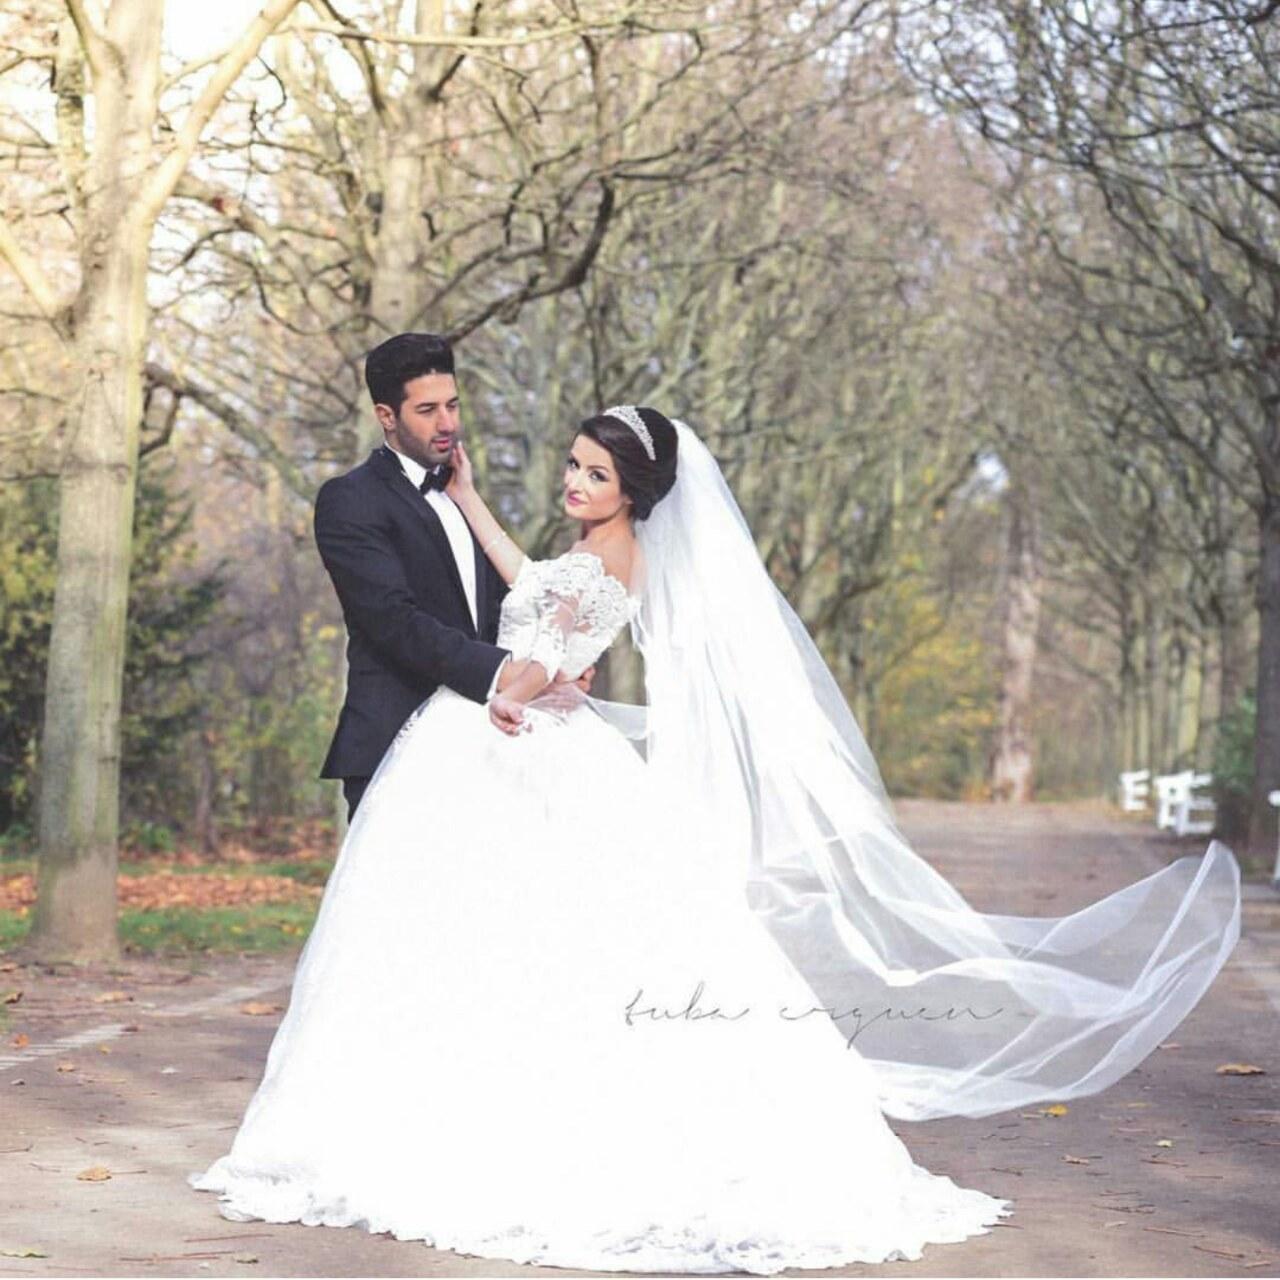 بالصور صور عرسان حلوه , اجمل صور للعروسين 3522 5